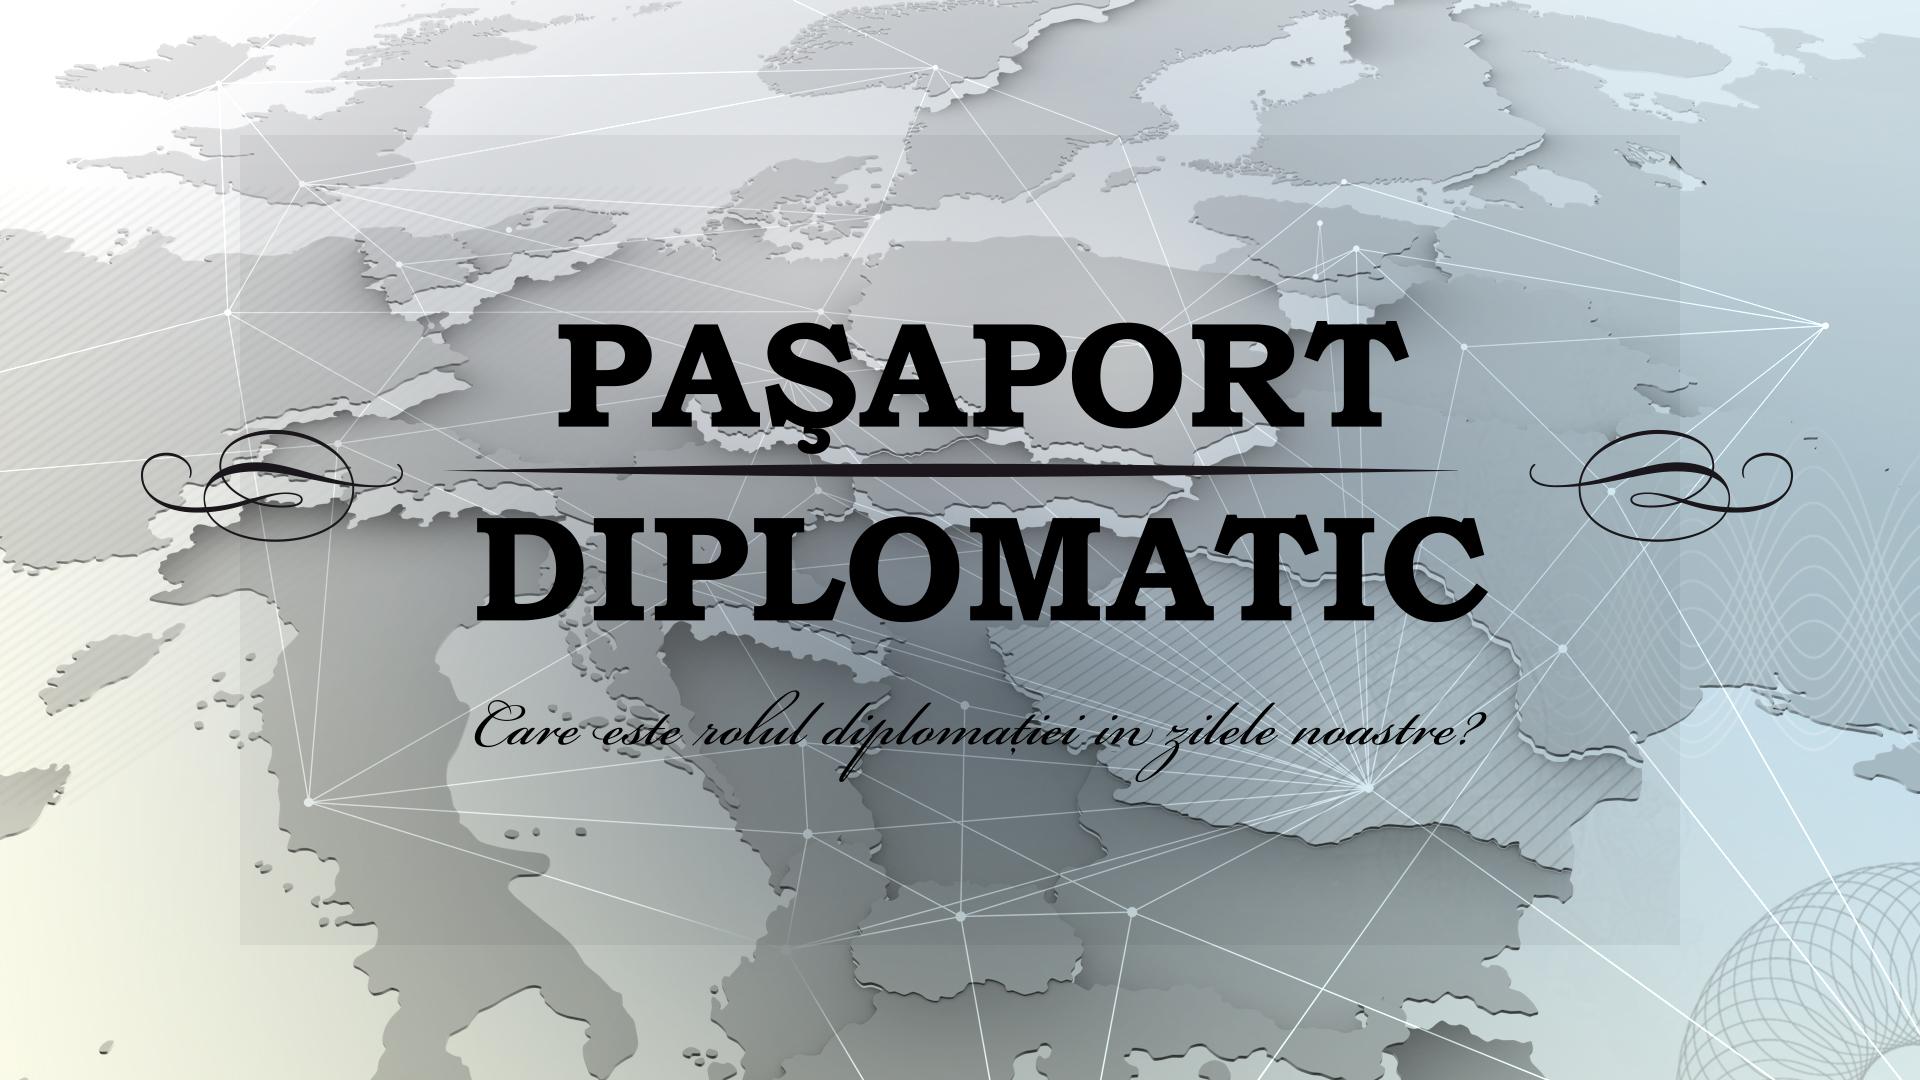 pasaport-diplomatic-21-iulie-22-30